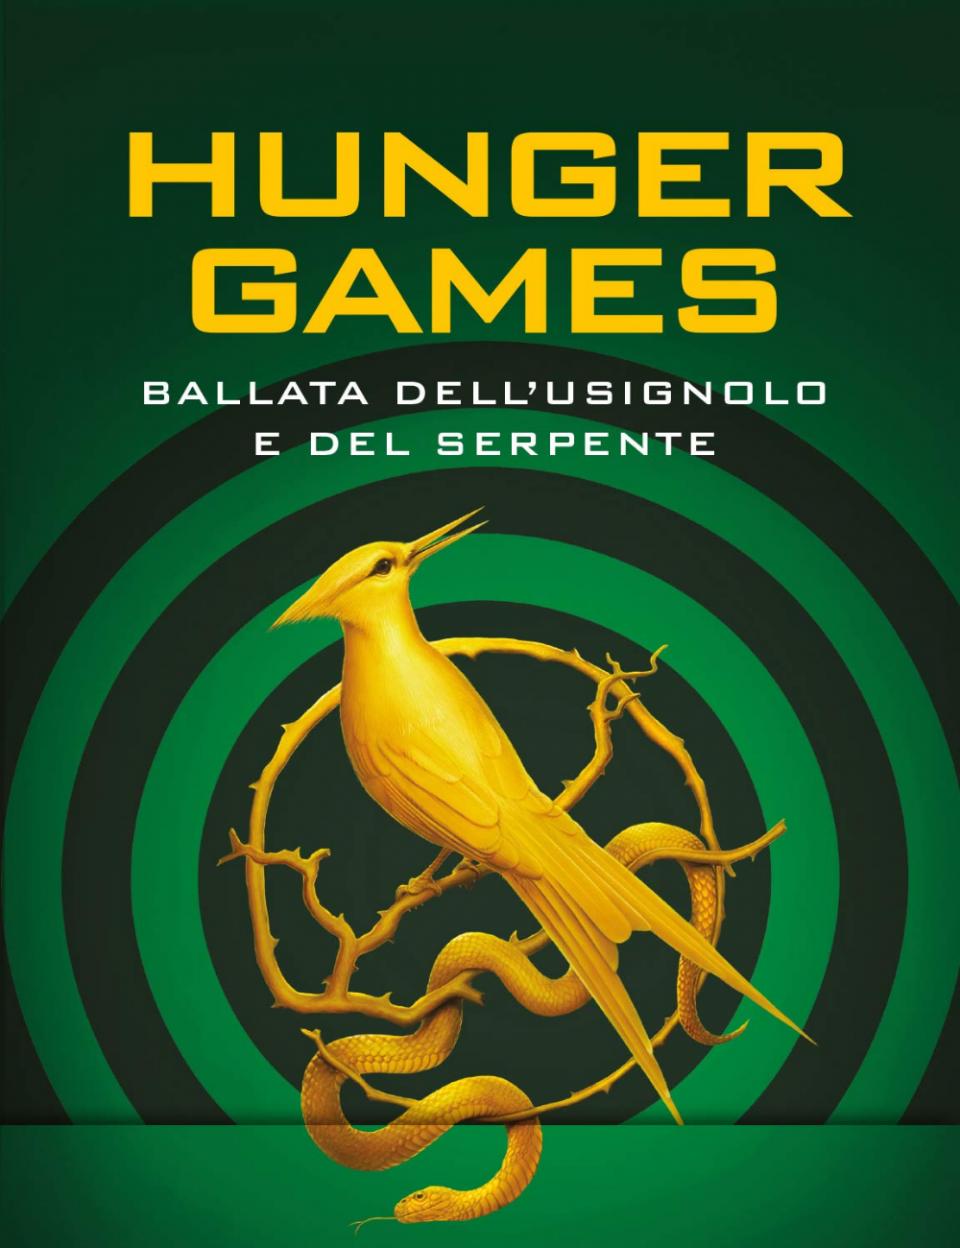 La scrittrice italiana Veronica Rosazza Prin analizza e recensisce il romanzo Hunger Games. Ballata dell'usignolo e del serpente di Suzanne Collins